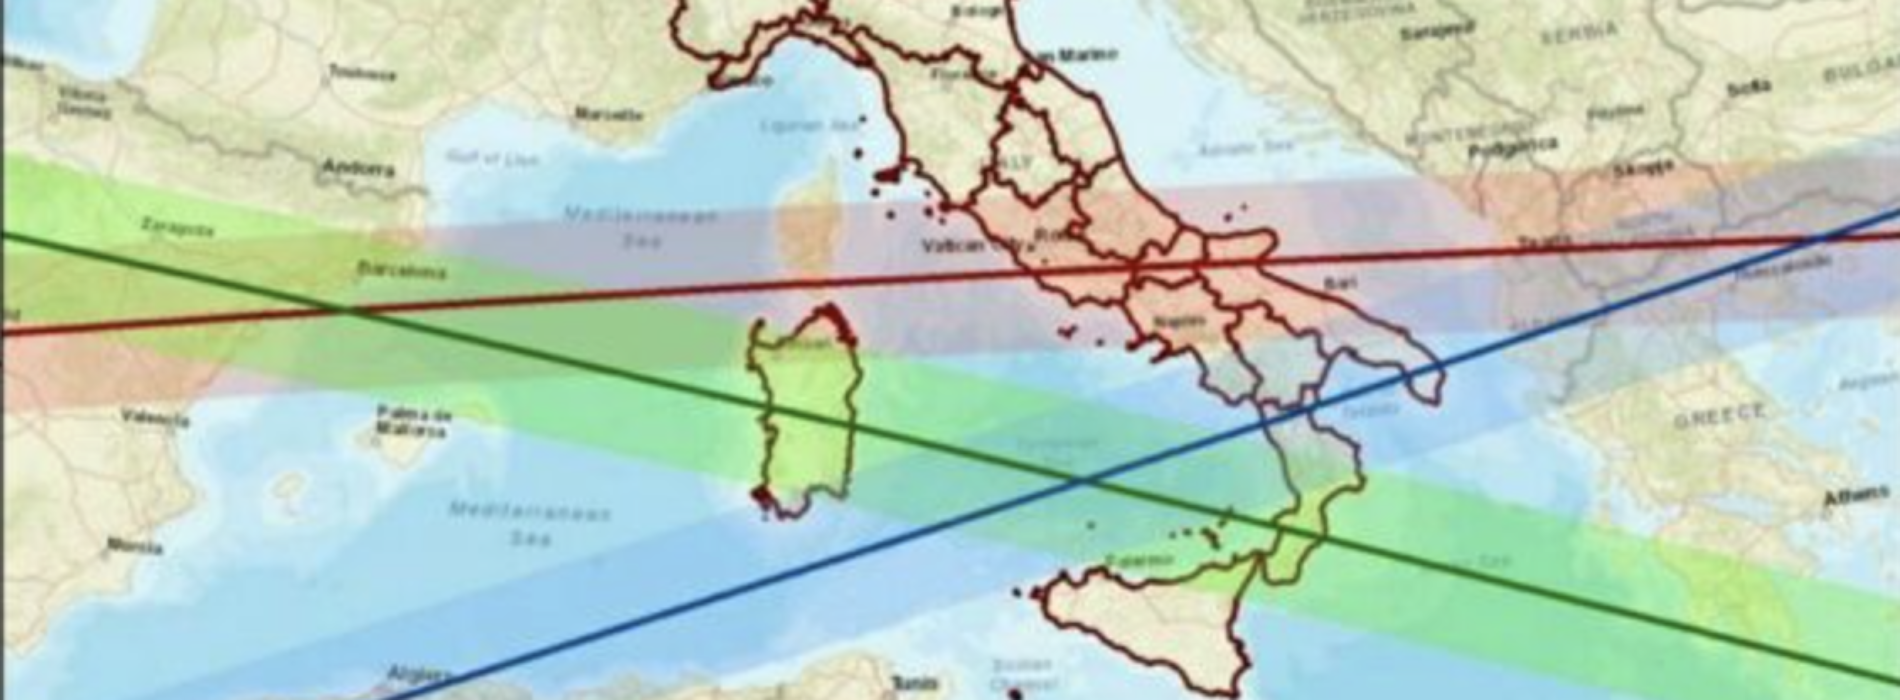 Razzo cinese, allerta della Protezione civile anche in Campania